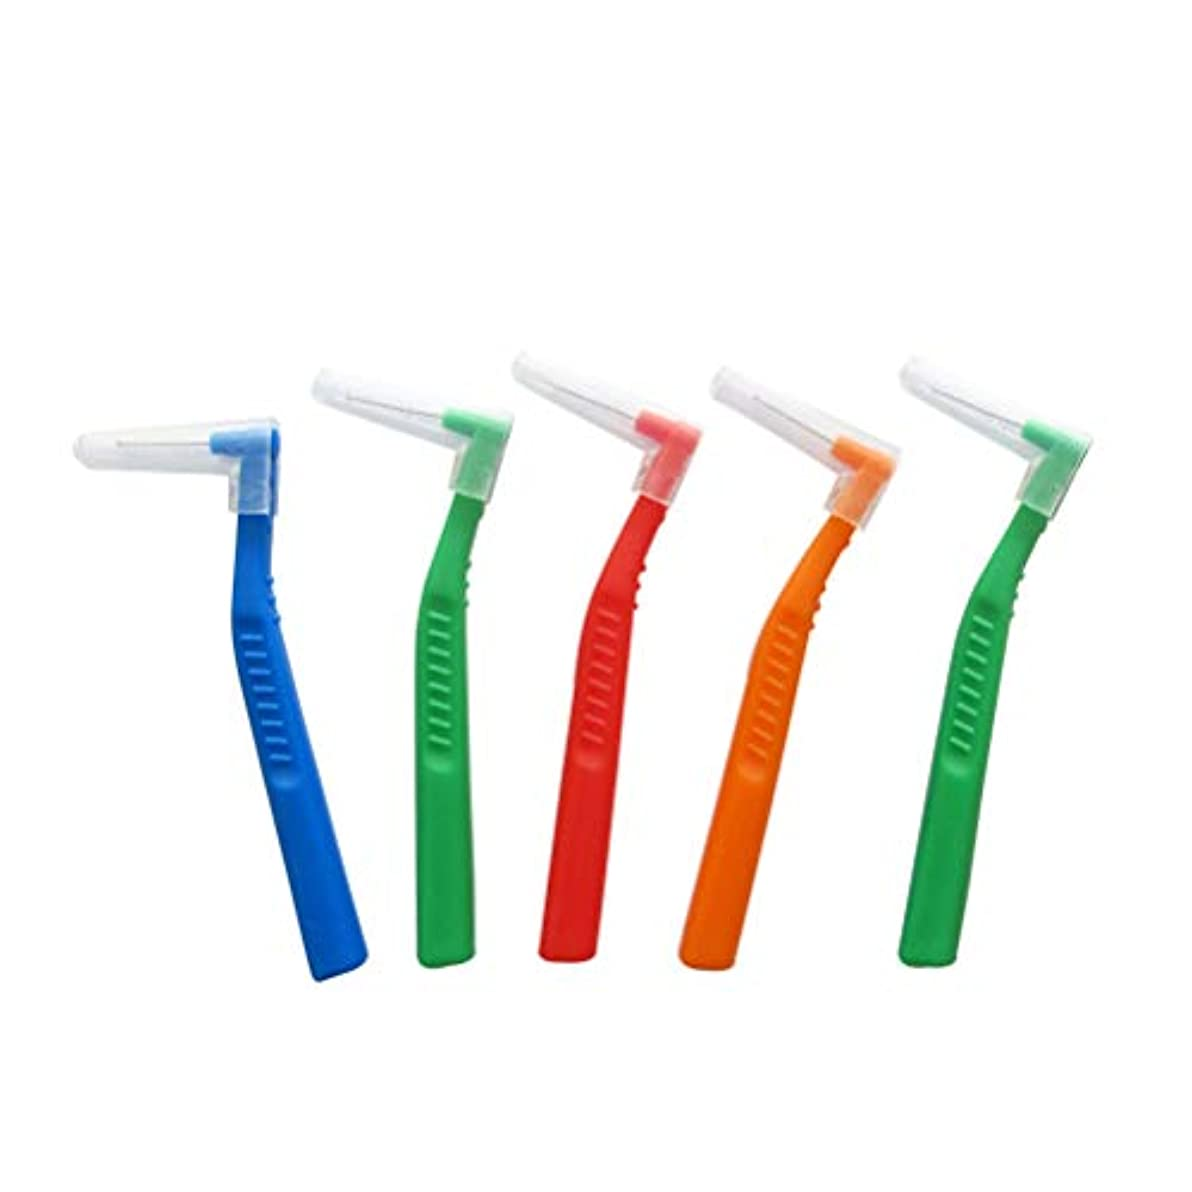 先見の明冷凍庫劇場SUPVOX 歯間ブラシ クリーナー l字型 歯間清掃 歯科 口腔ケアツール 5本入(ランダムカラー)